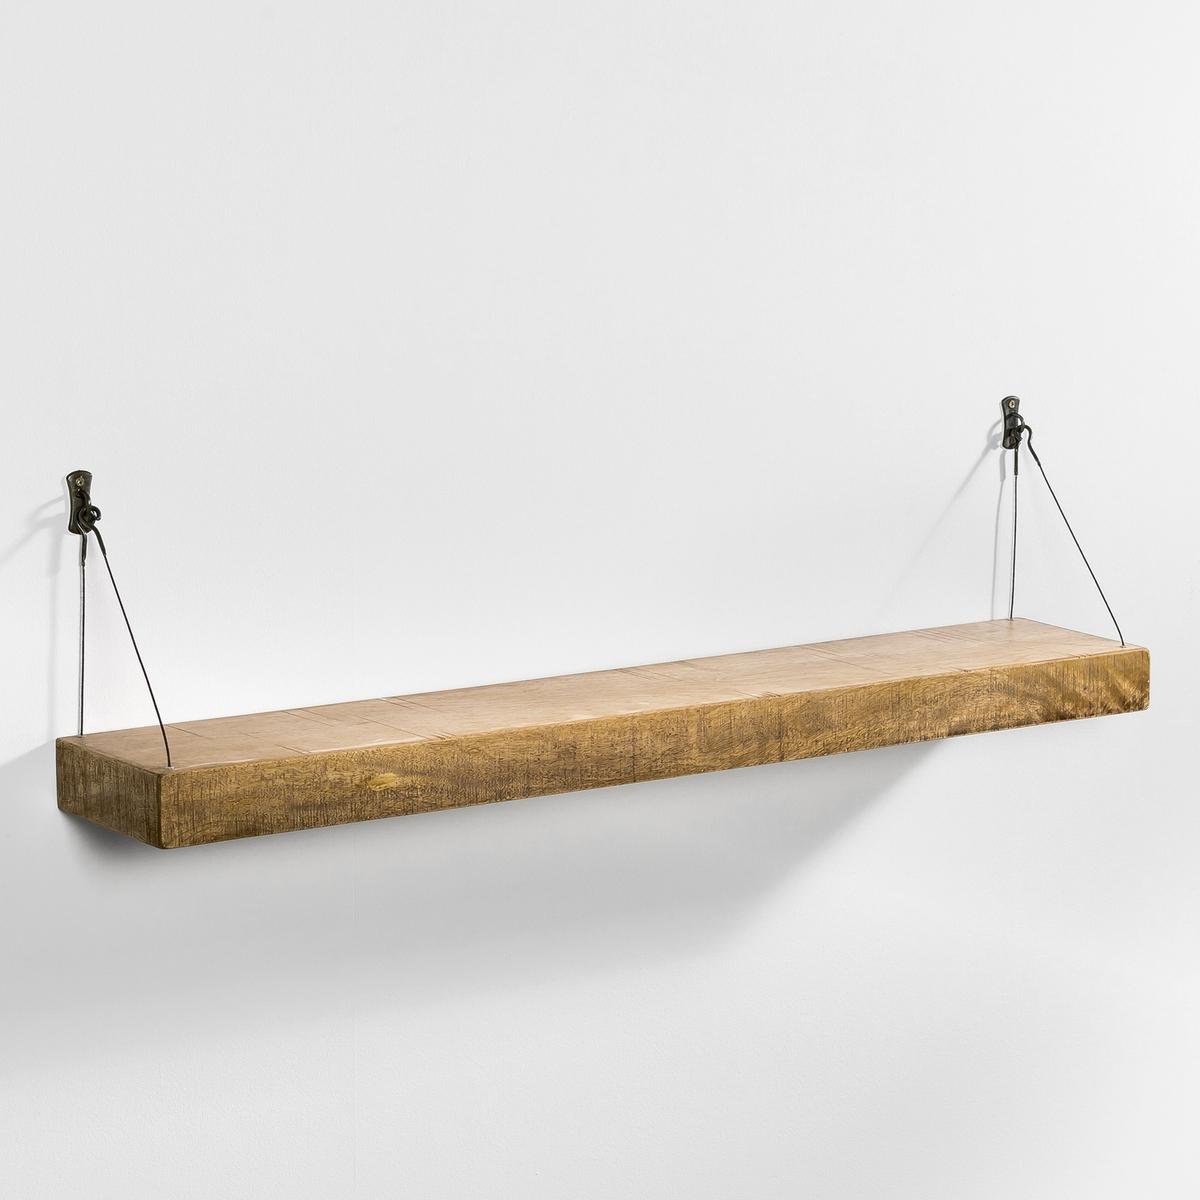 Полка настенная Дл. 110 см, RootsПолка настенная Roots. Невероятно легкая с тросиками для фиксации...Характеристики:- Столешница из мультиплекса (для большей легкости), отделка под старину.- Крепление на металлических тросиках и 2 скобках на стену.Размеры:- 110 x 20 см.- Длина тросика 26 см спереди (20 см сзади).- Толщина столешницы 6,5 см<br><br>Цвет: белый,серо-бежевый<br>Размер: единый размер